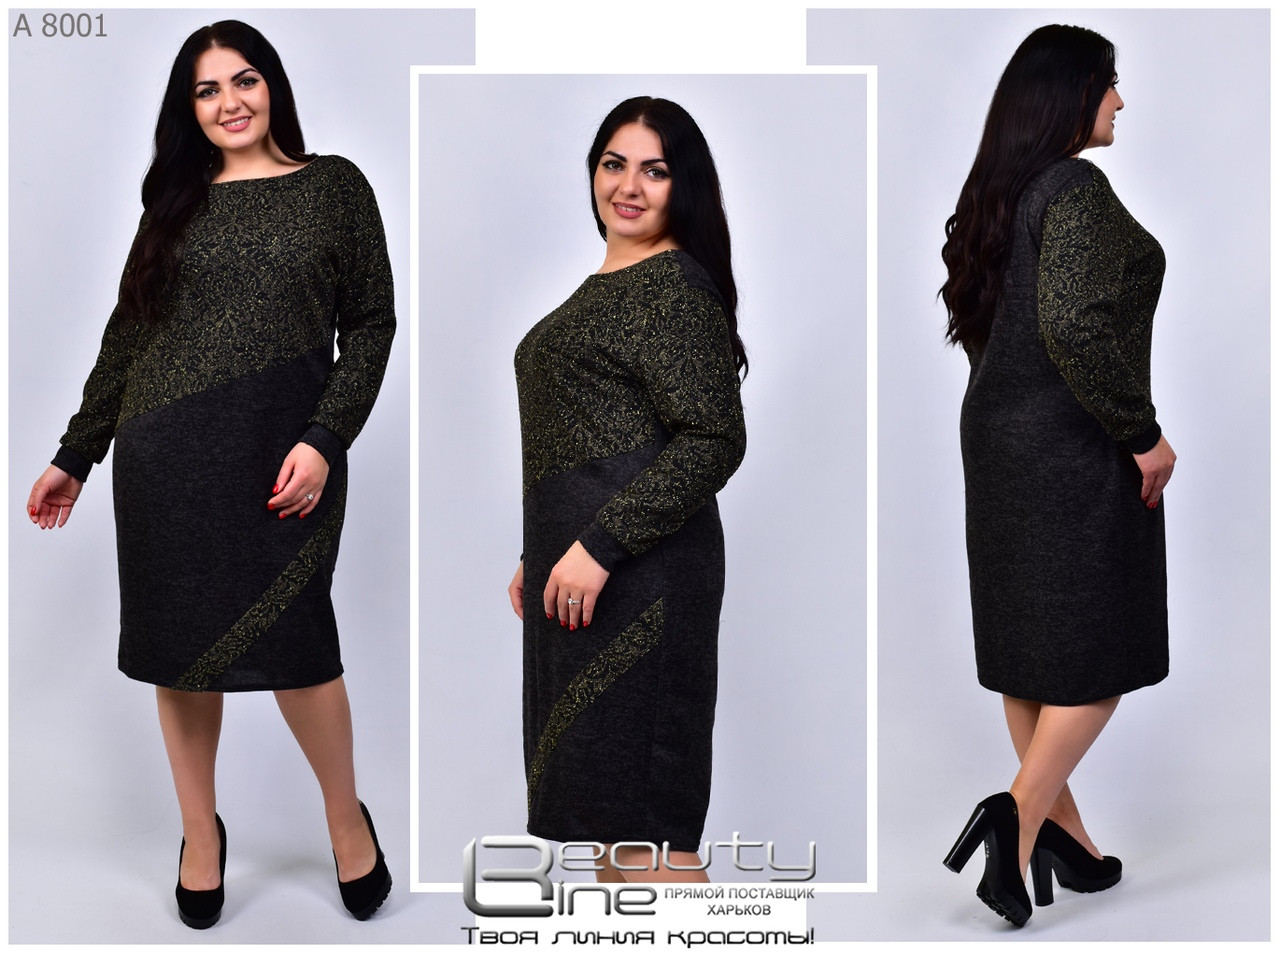 Элегантное тёплое женское платье в деловом стиле батал 54-68 размер